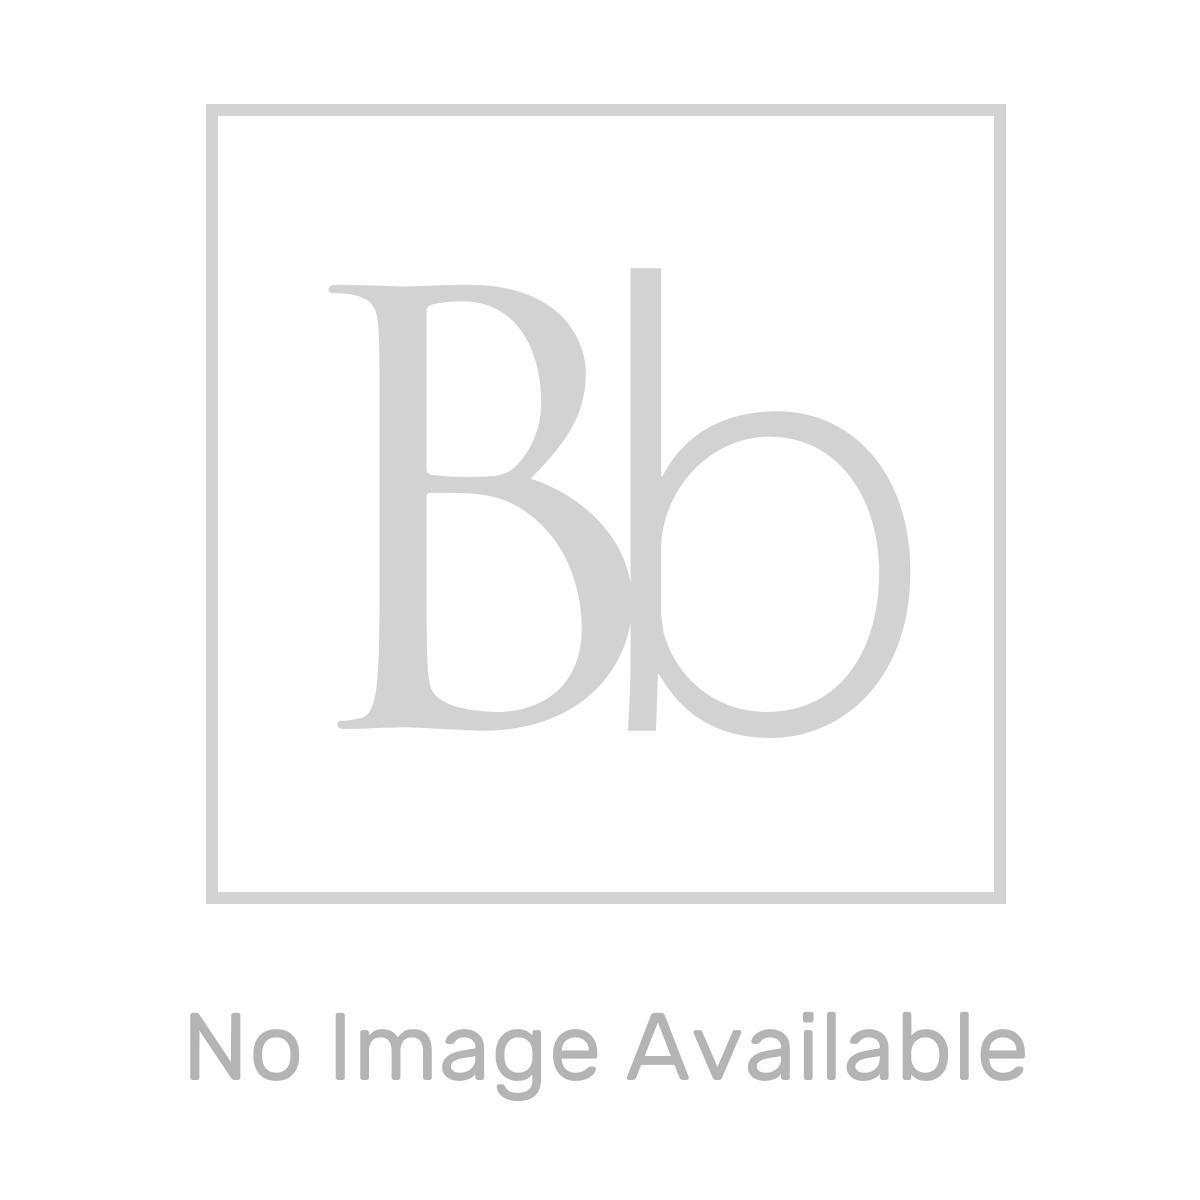 RAK Series 600 En-Suite Bathroom with Pacific Hinged Shower Enclosure